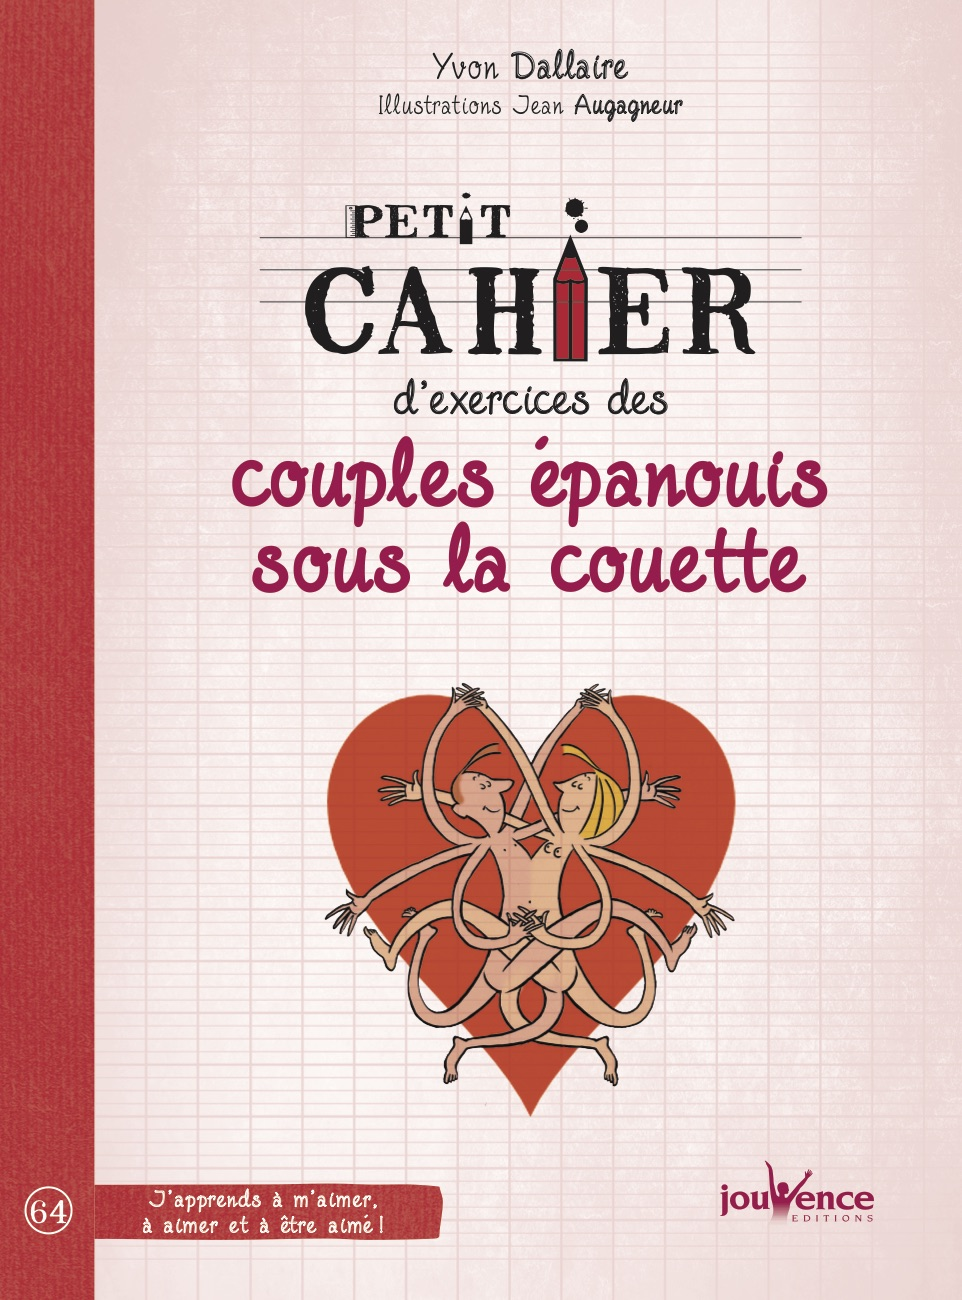 KVR couples epanouis couette